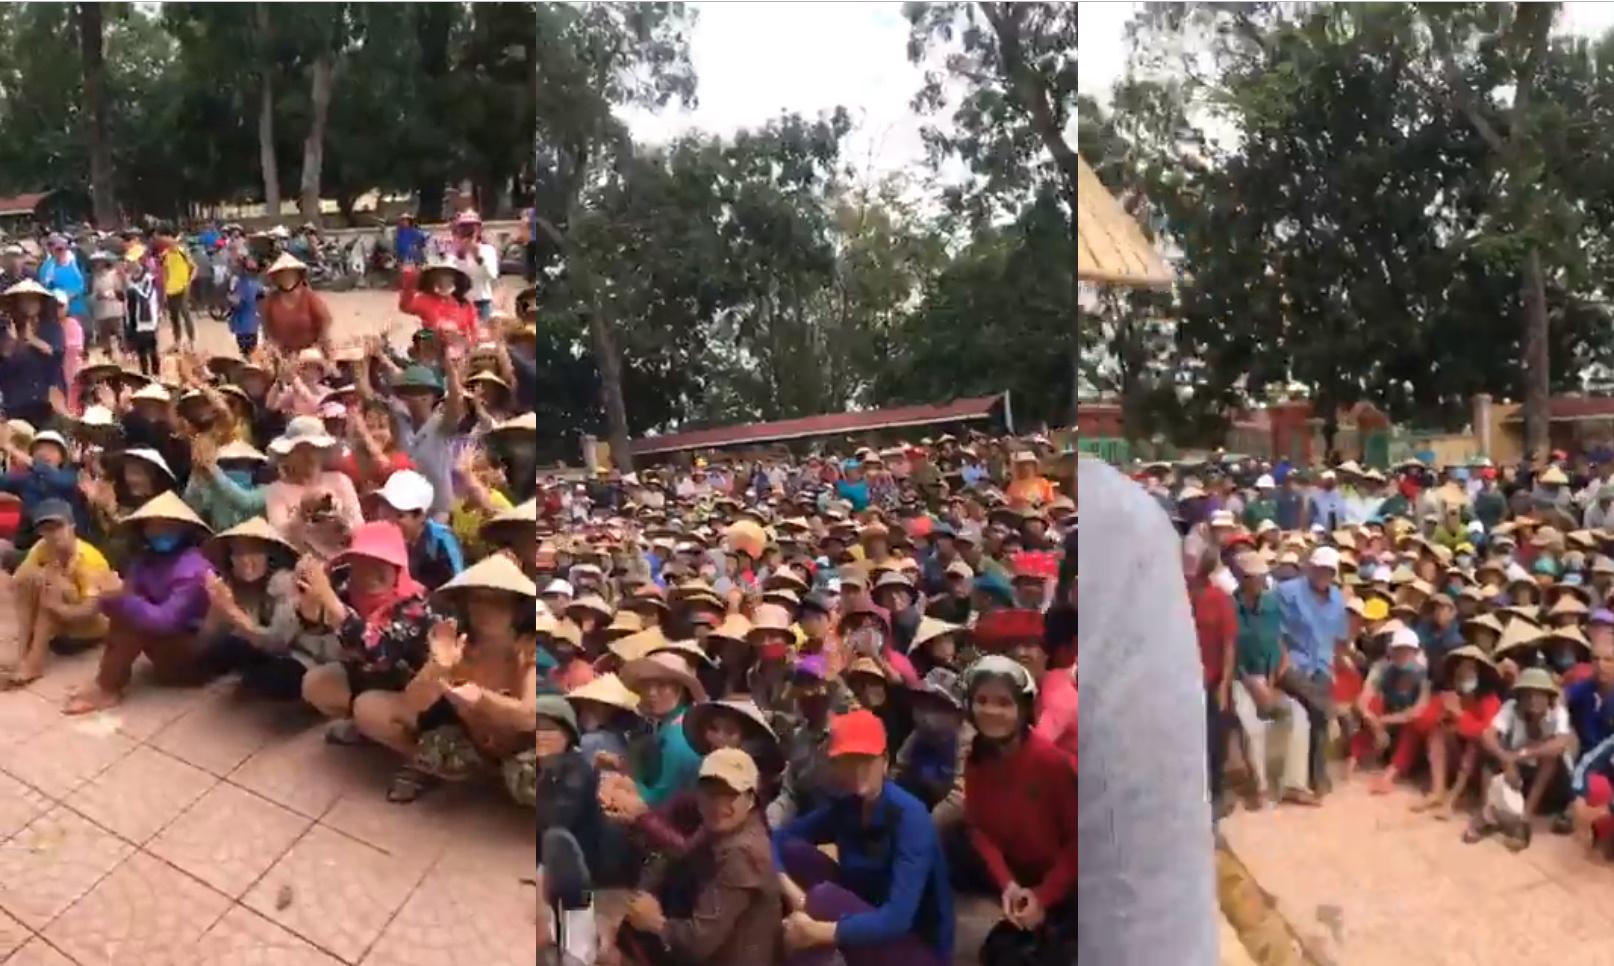 Hàng ngàn người ngồi chờ từ sớm để nhận tiền viện trợ từ đoàn của Thủy Tiên